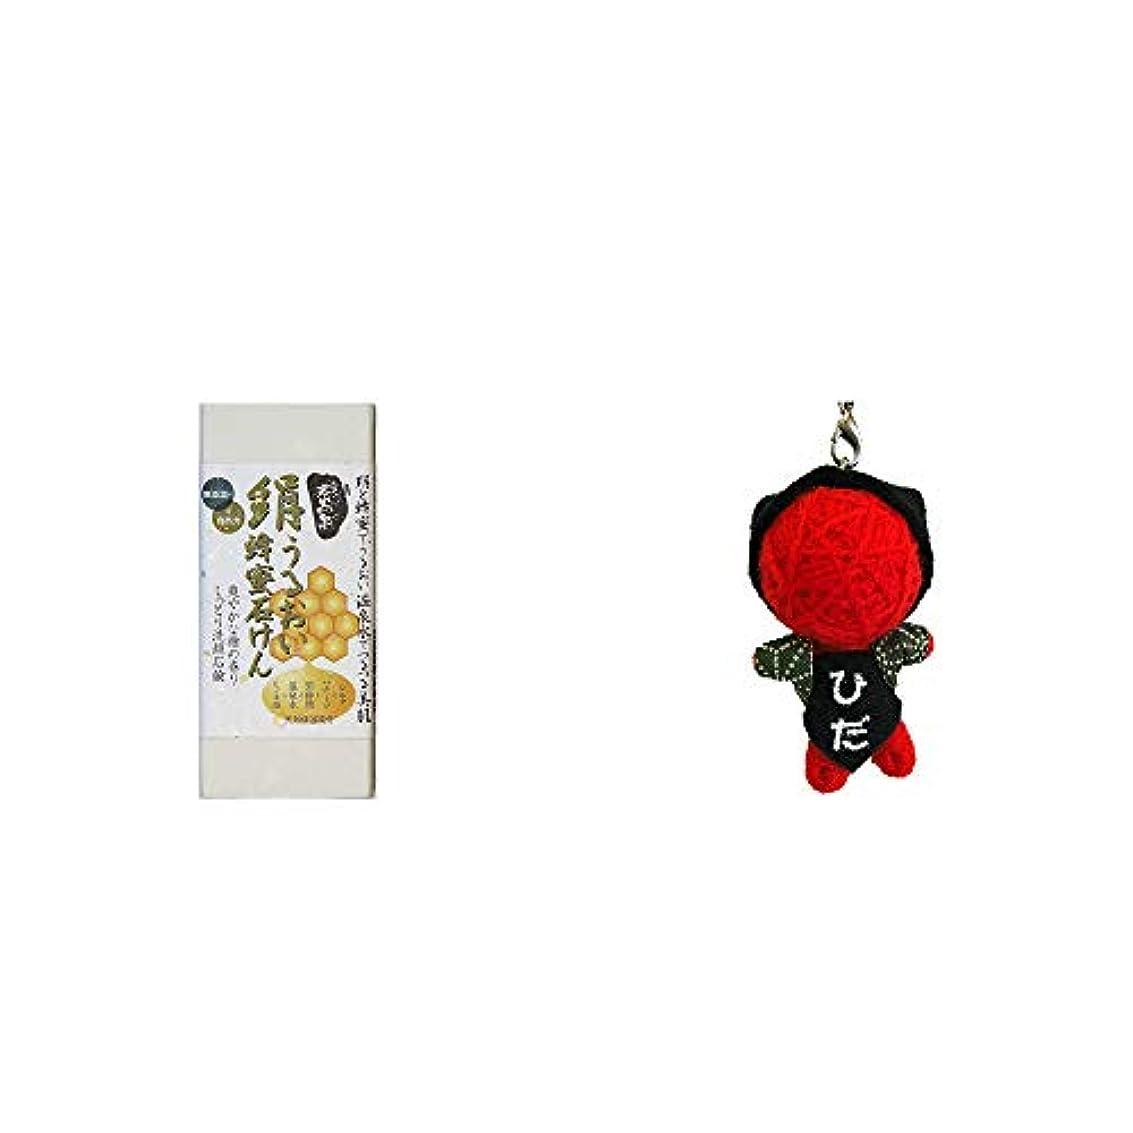 船酔い認可装置[2点セット] ひのき炭黒泉 絹うるおい蜂蜜石けん(75g×2)?ハッピー さるぼぼドール ブドゥドール(ストラップ) / 魔除け?身代わり人形 //